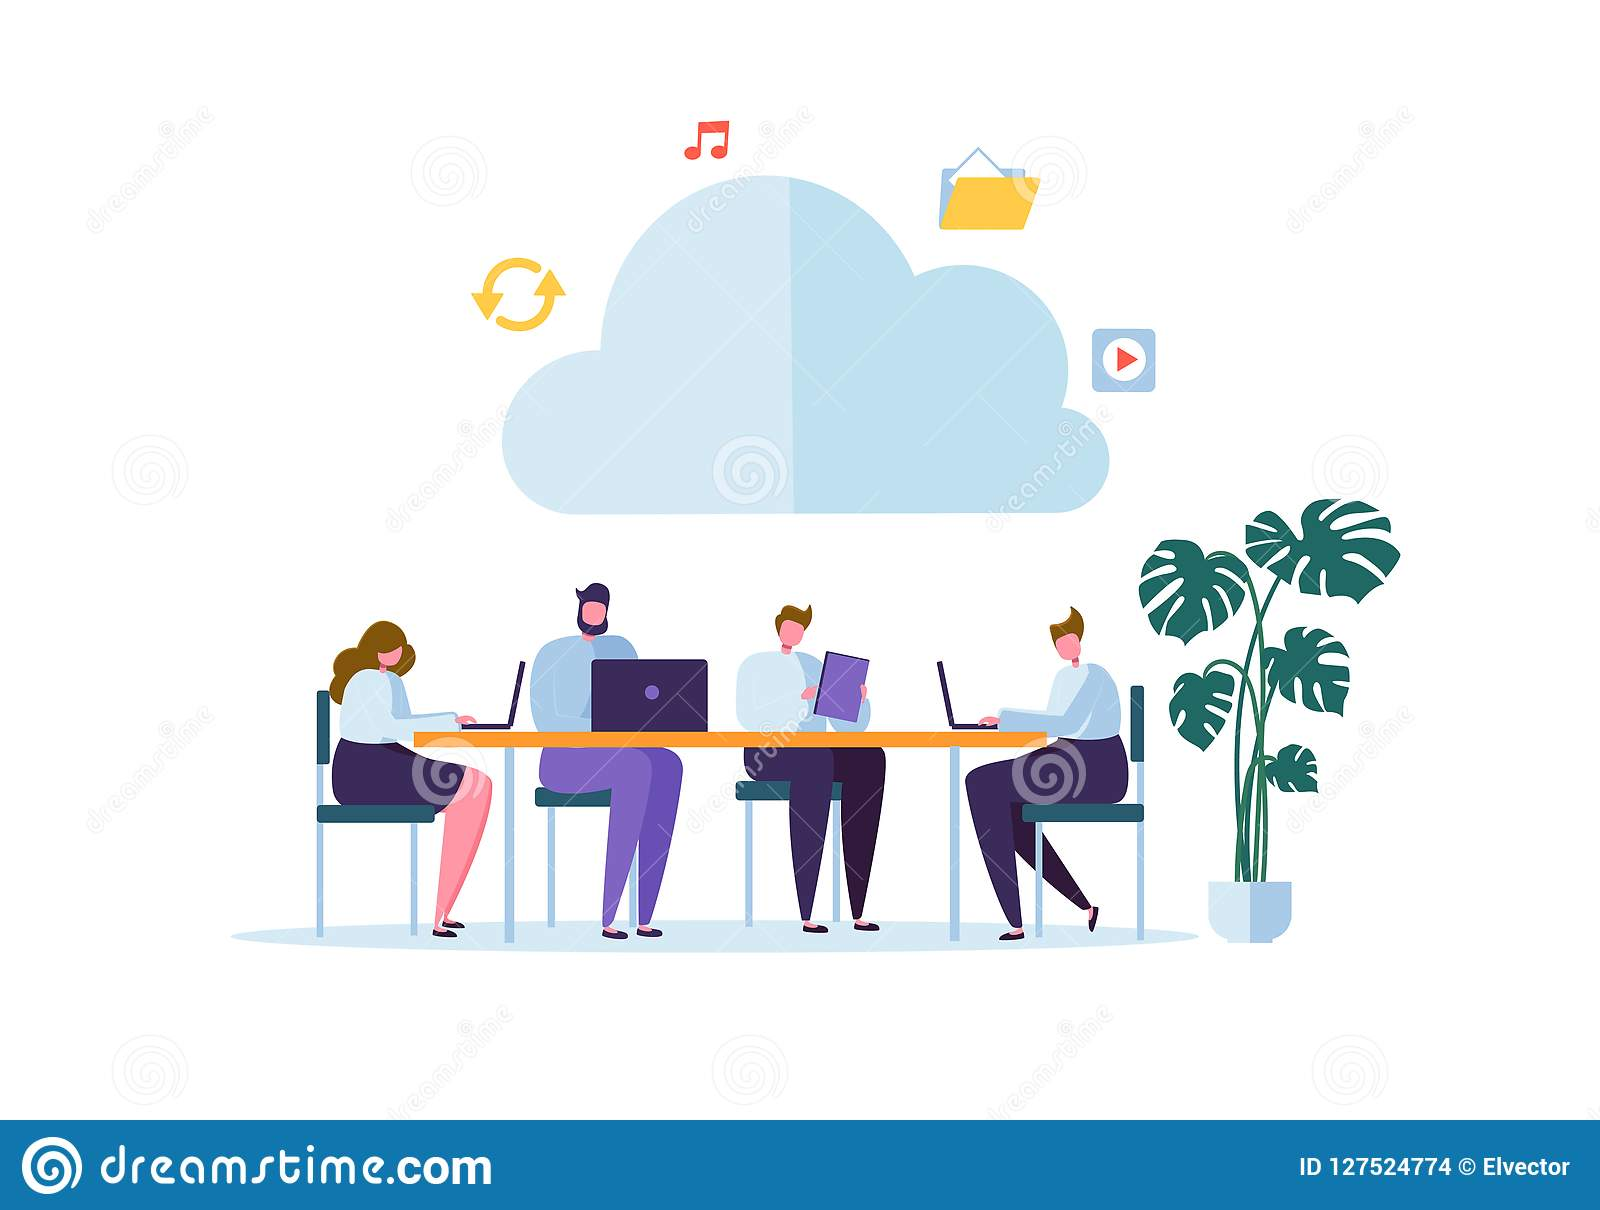 WolkenStorage Technology Mann und Frau, die Daten-arbeitet Informationsvermittlungs-Ordner zusammen, teilend